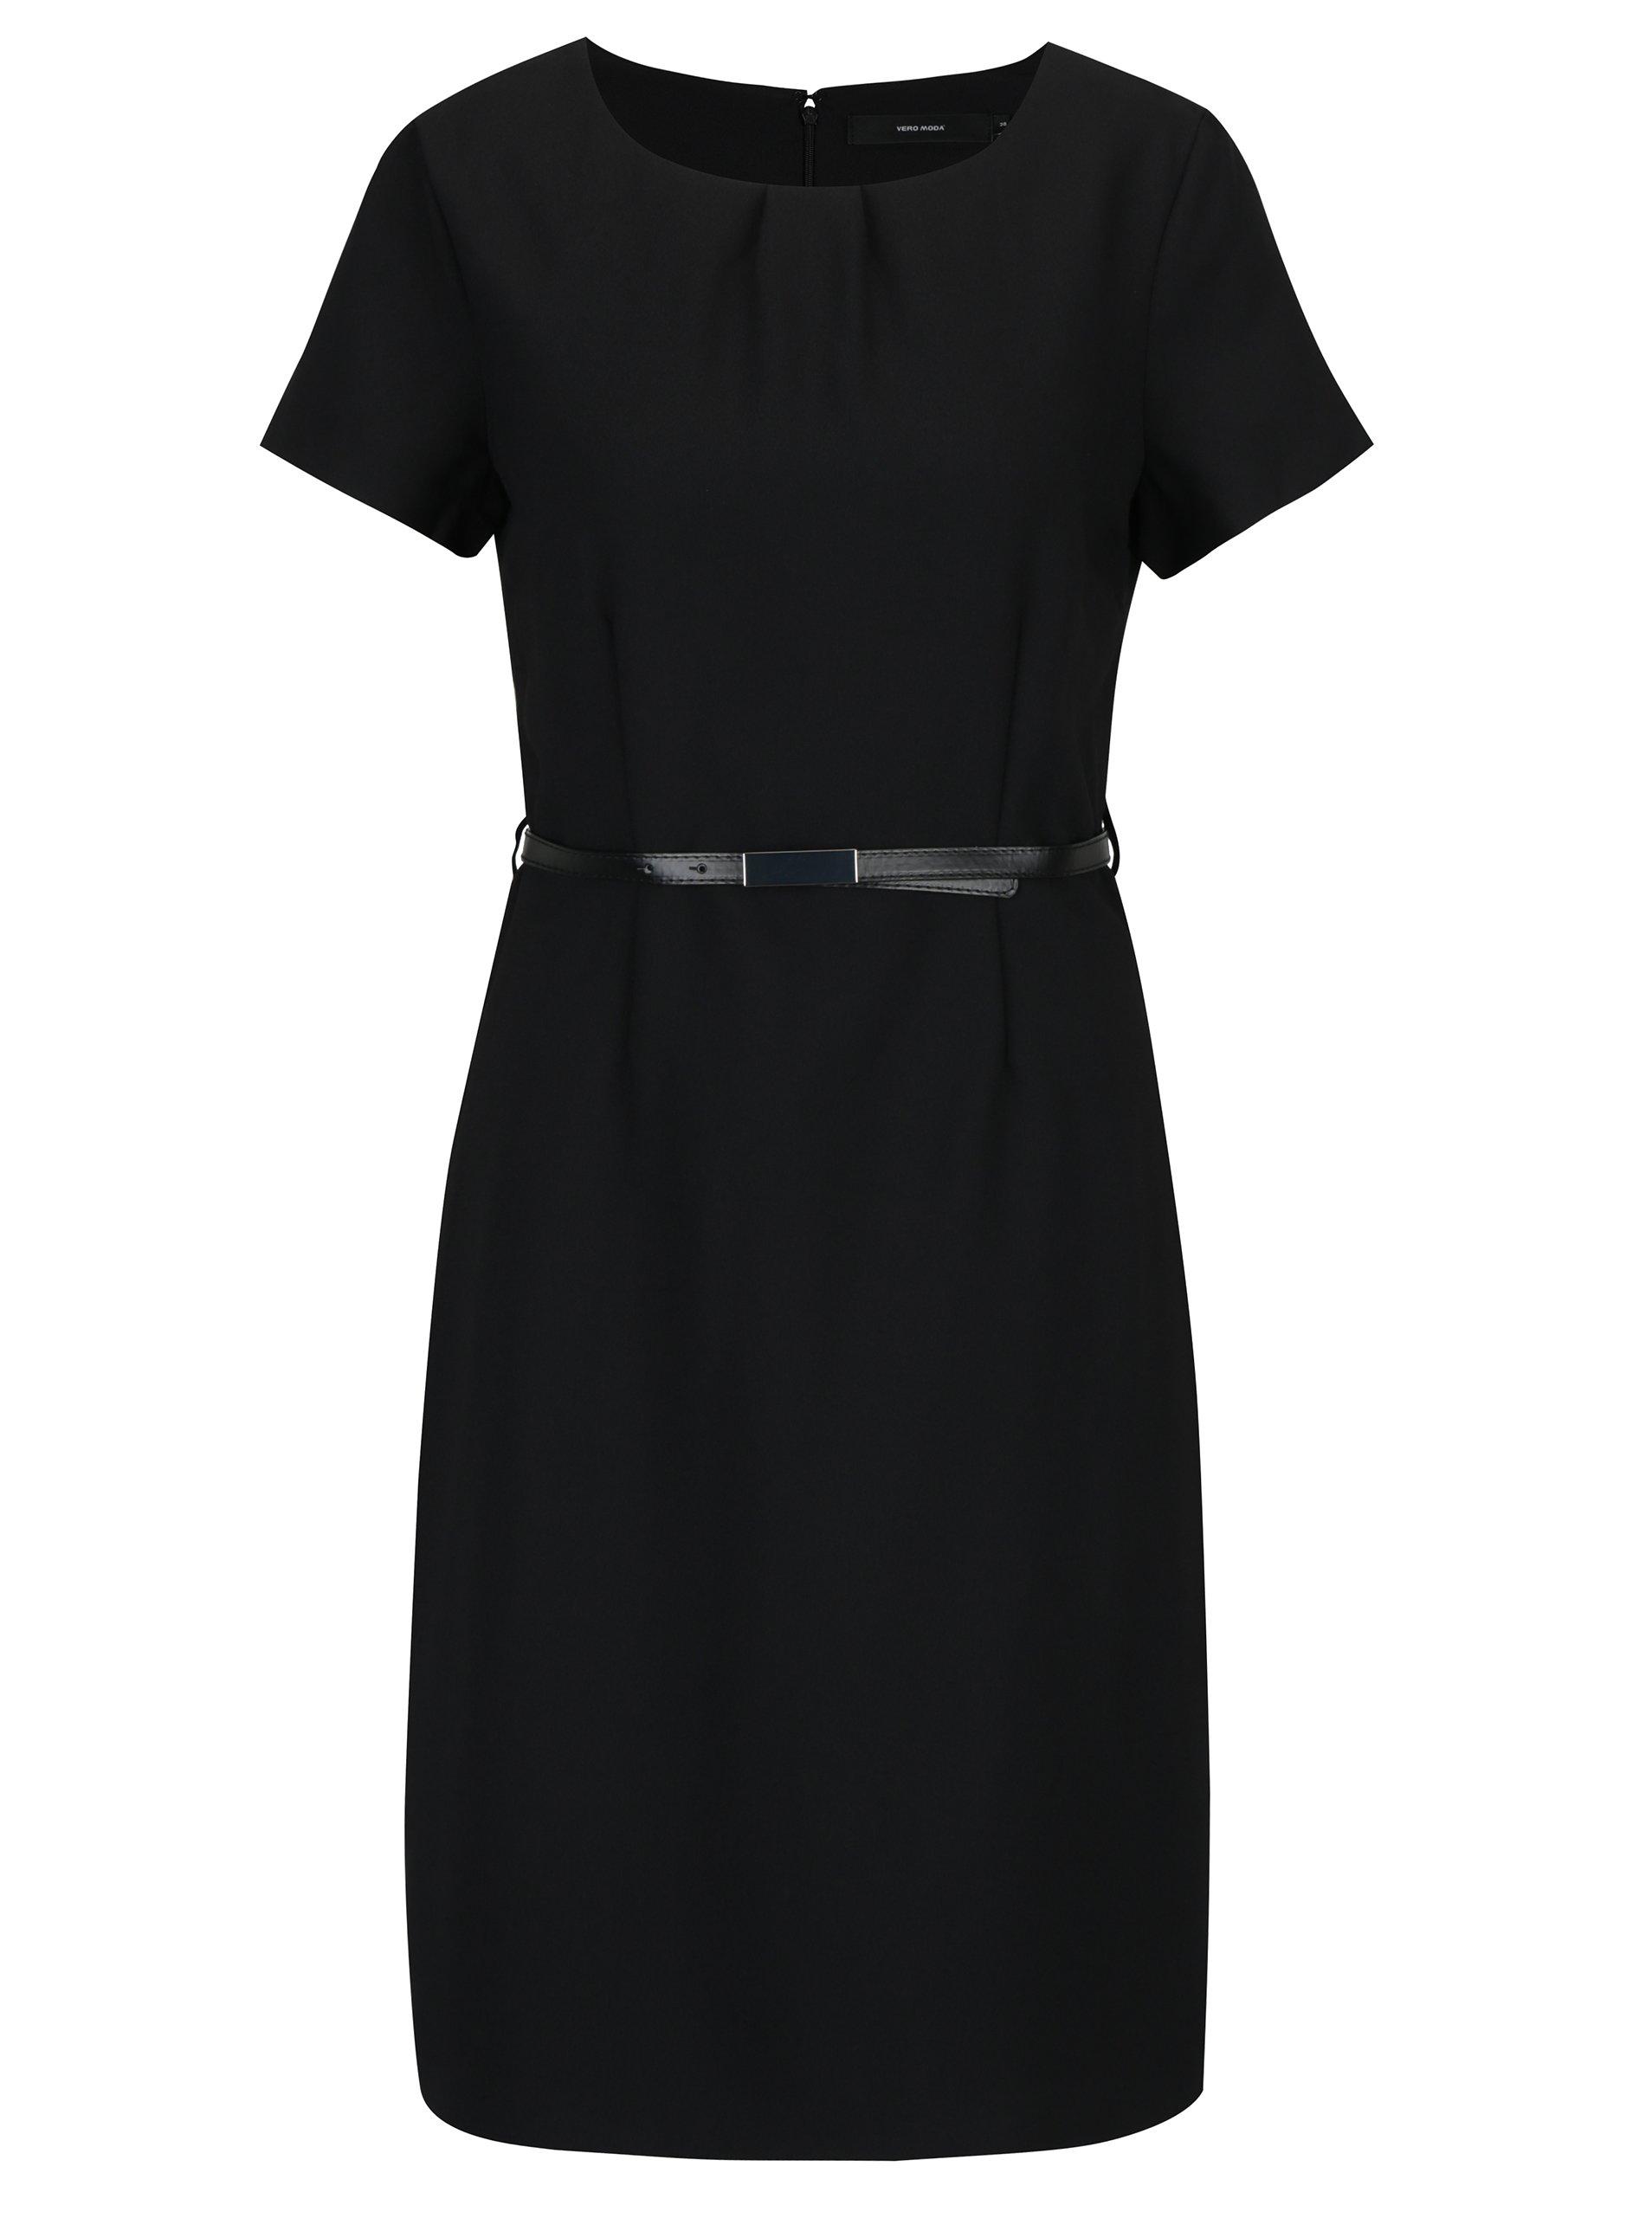 9110764da663 Čierne šaty s krátkym rukávom a odnímateľným opaskom VERO MODA Helen ...